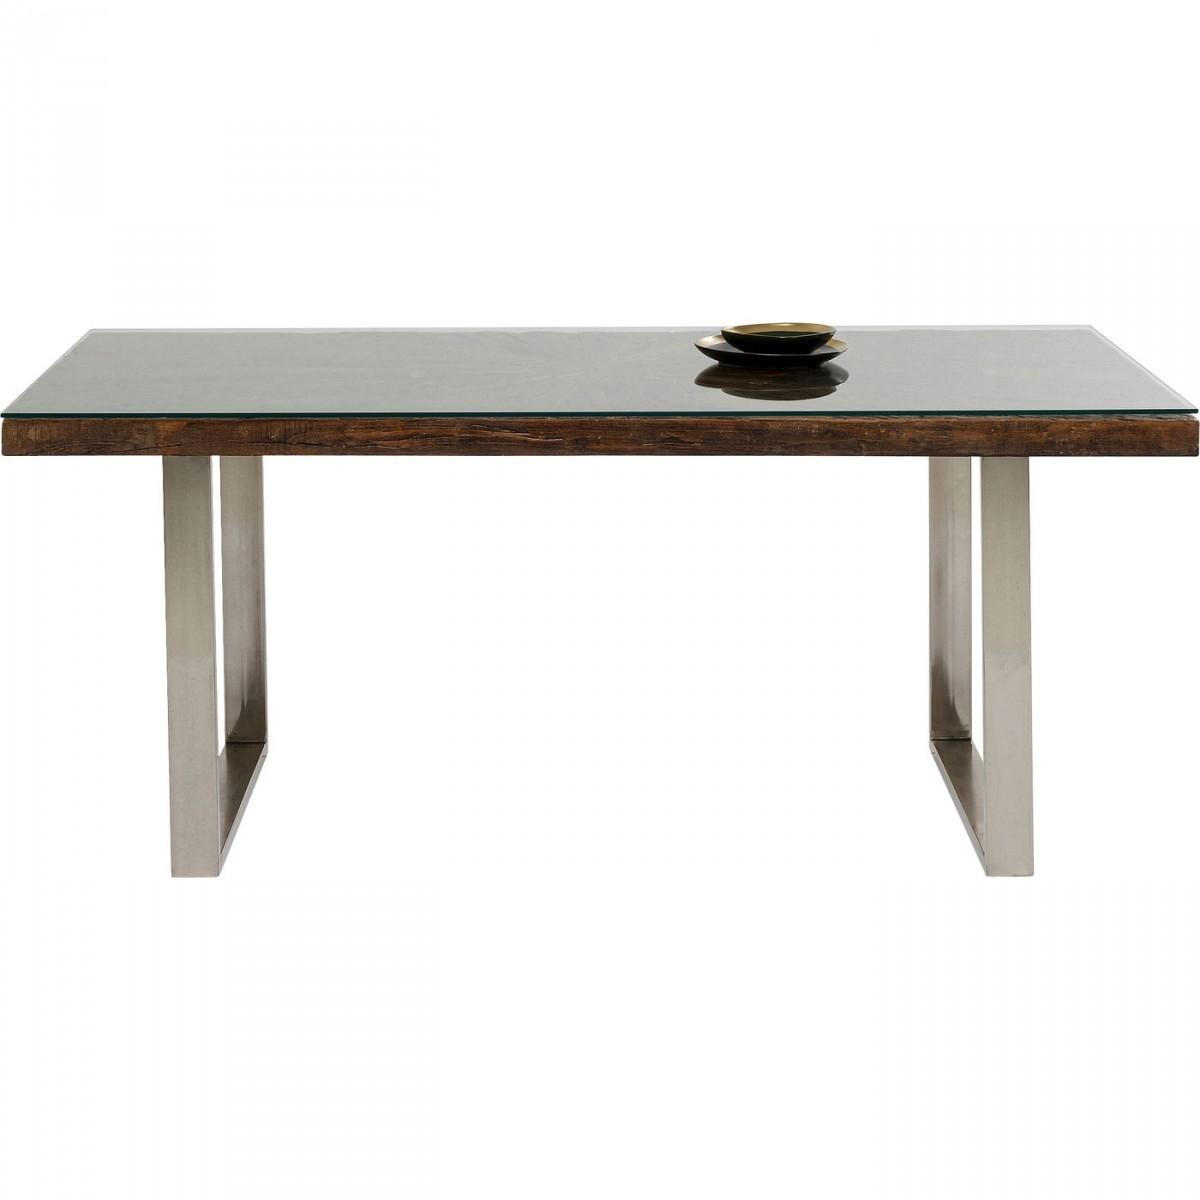 KARE DESIGN rektangulær Conley Chrome spisebord - glas, genbrugstræ, mangotræ og stål (180x90)